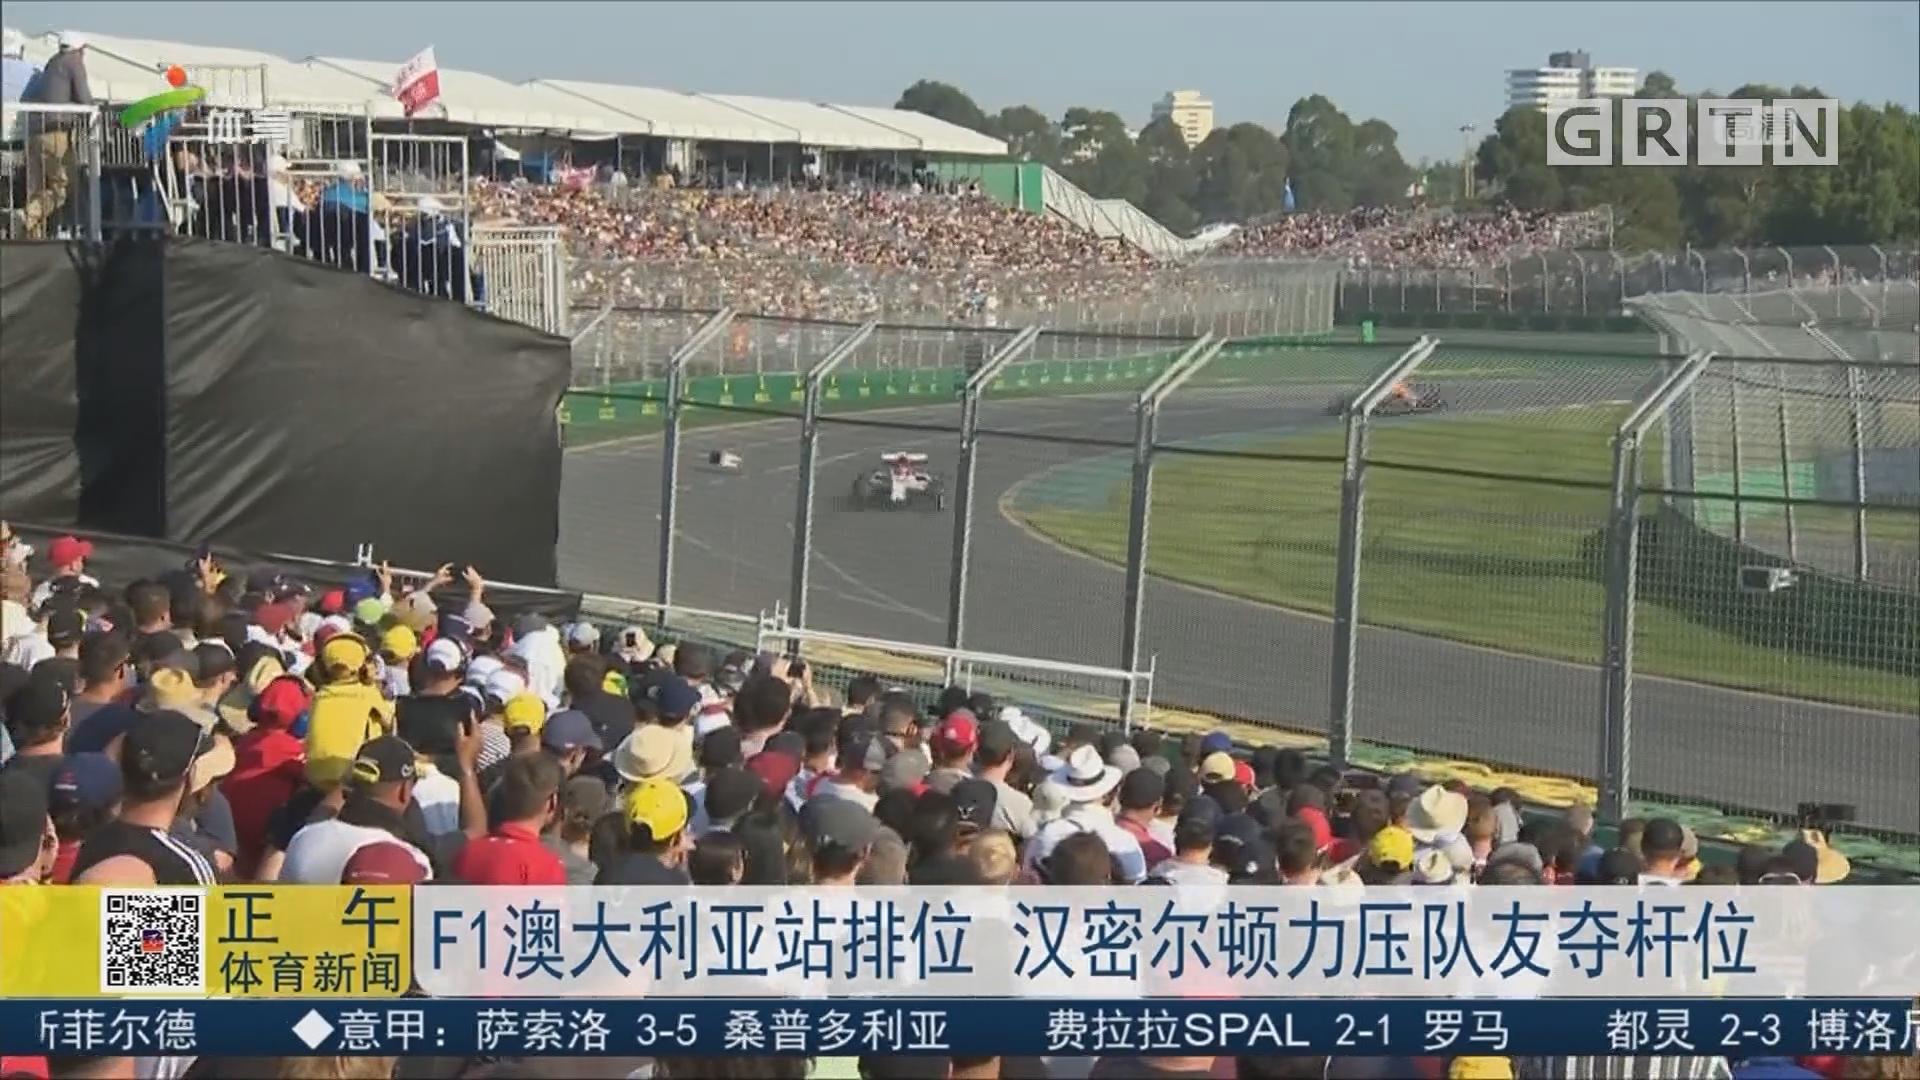 F1澳大利亚站排位 汉密尔顿力压队友夺杆位